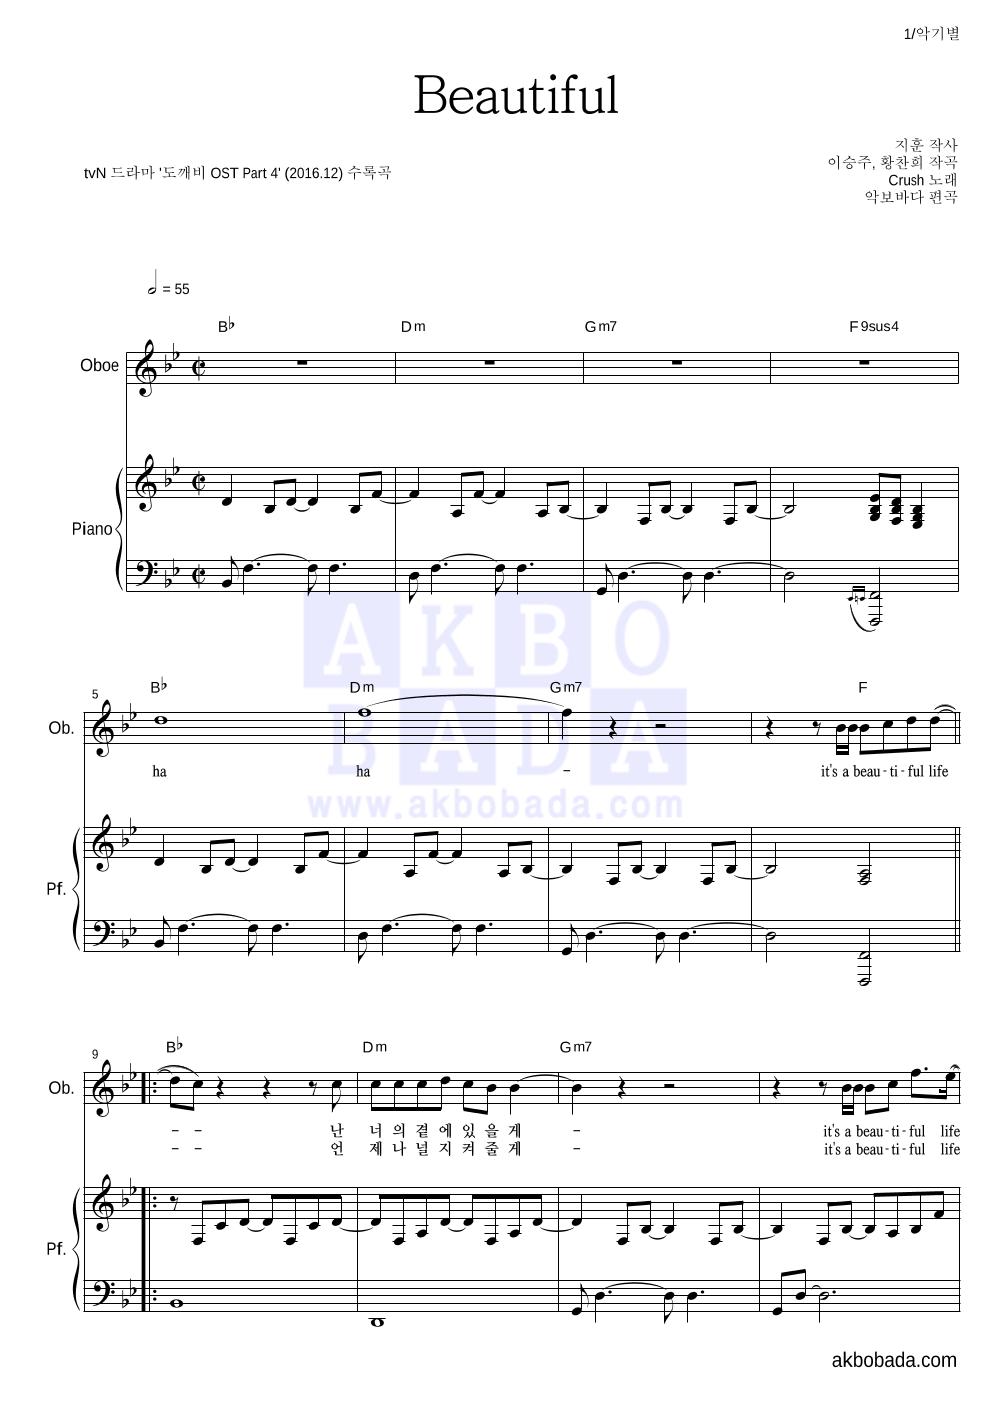 크러쉬 - Beautiful 오보에&피아노 악보